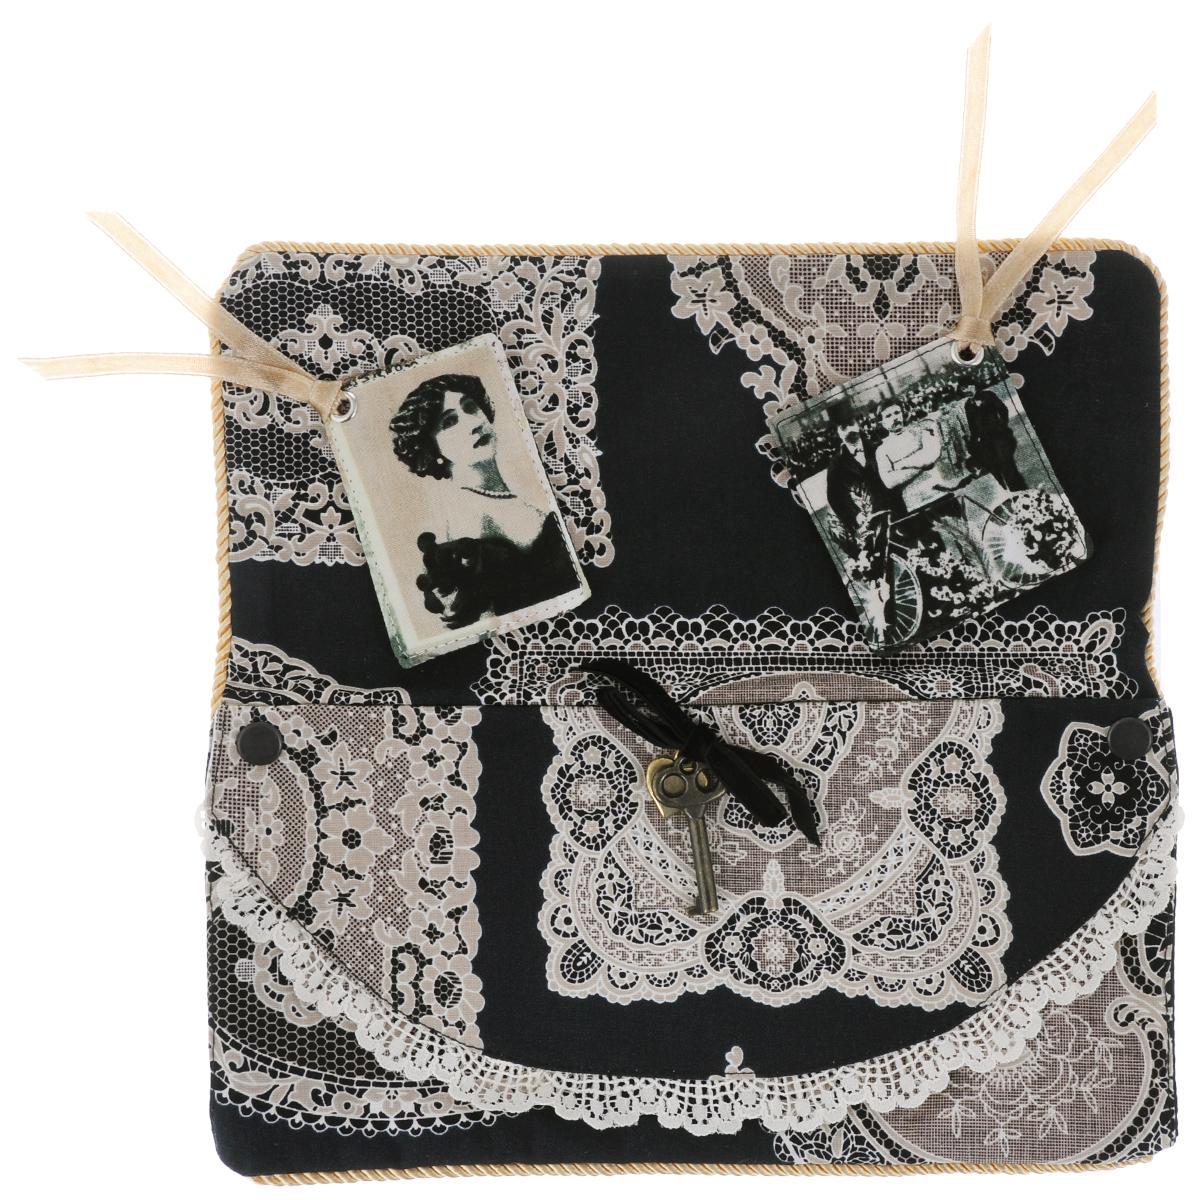 Чехол для подушки-думочки RTO Винтаж, 25 х 14 см. VT-720803113885Чехол для подушки-думочки RTO Винтаж выполнен из текстиля с изображением винтажных кружевных узоров. Изделие декорировано золотистым шнуром, кружевом и подвеской в виде ключика с сердечком. Серия Vintage Collection представляет аксессуары, выполненные в винтажном стиле. Такие изделия прекрасно оформят интерьер комнаты и станут замечательным подарком к любому случаю. Размер чехла: 25 х 14 см